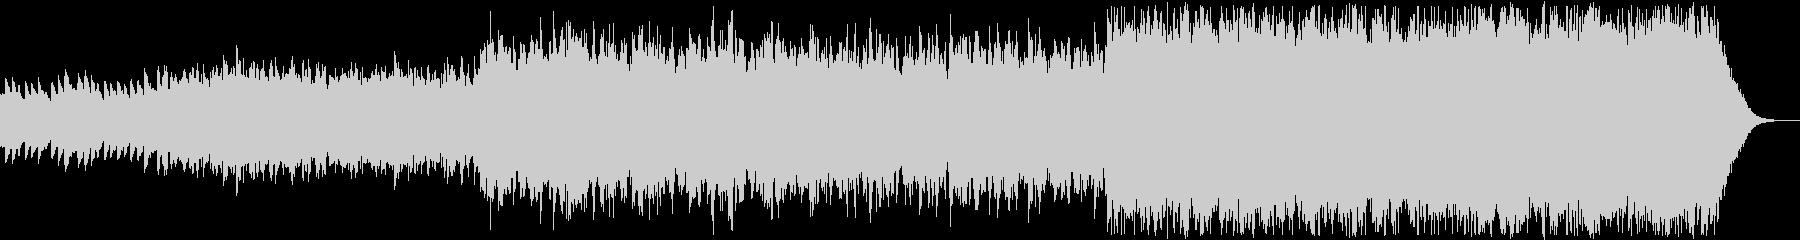 ハープとストリングスの幻想的で静かな曲の未再生の波形